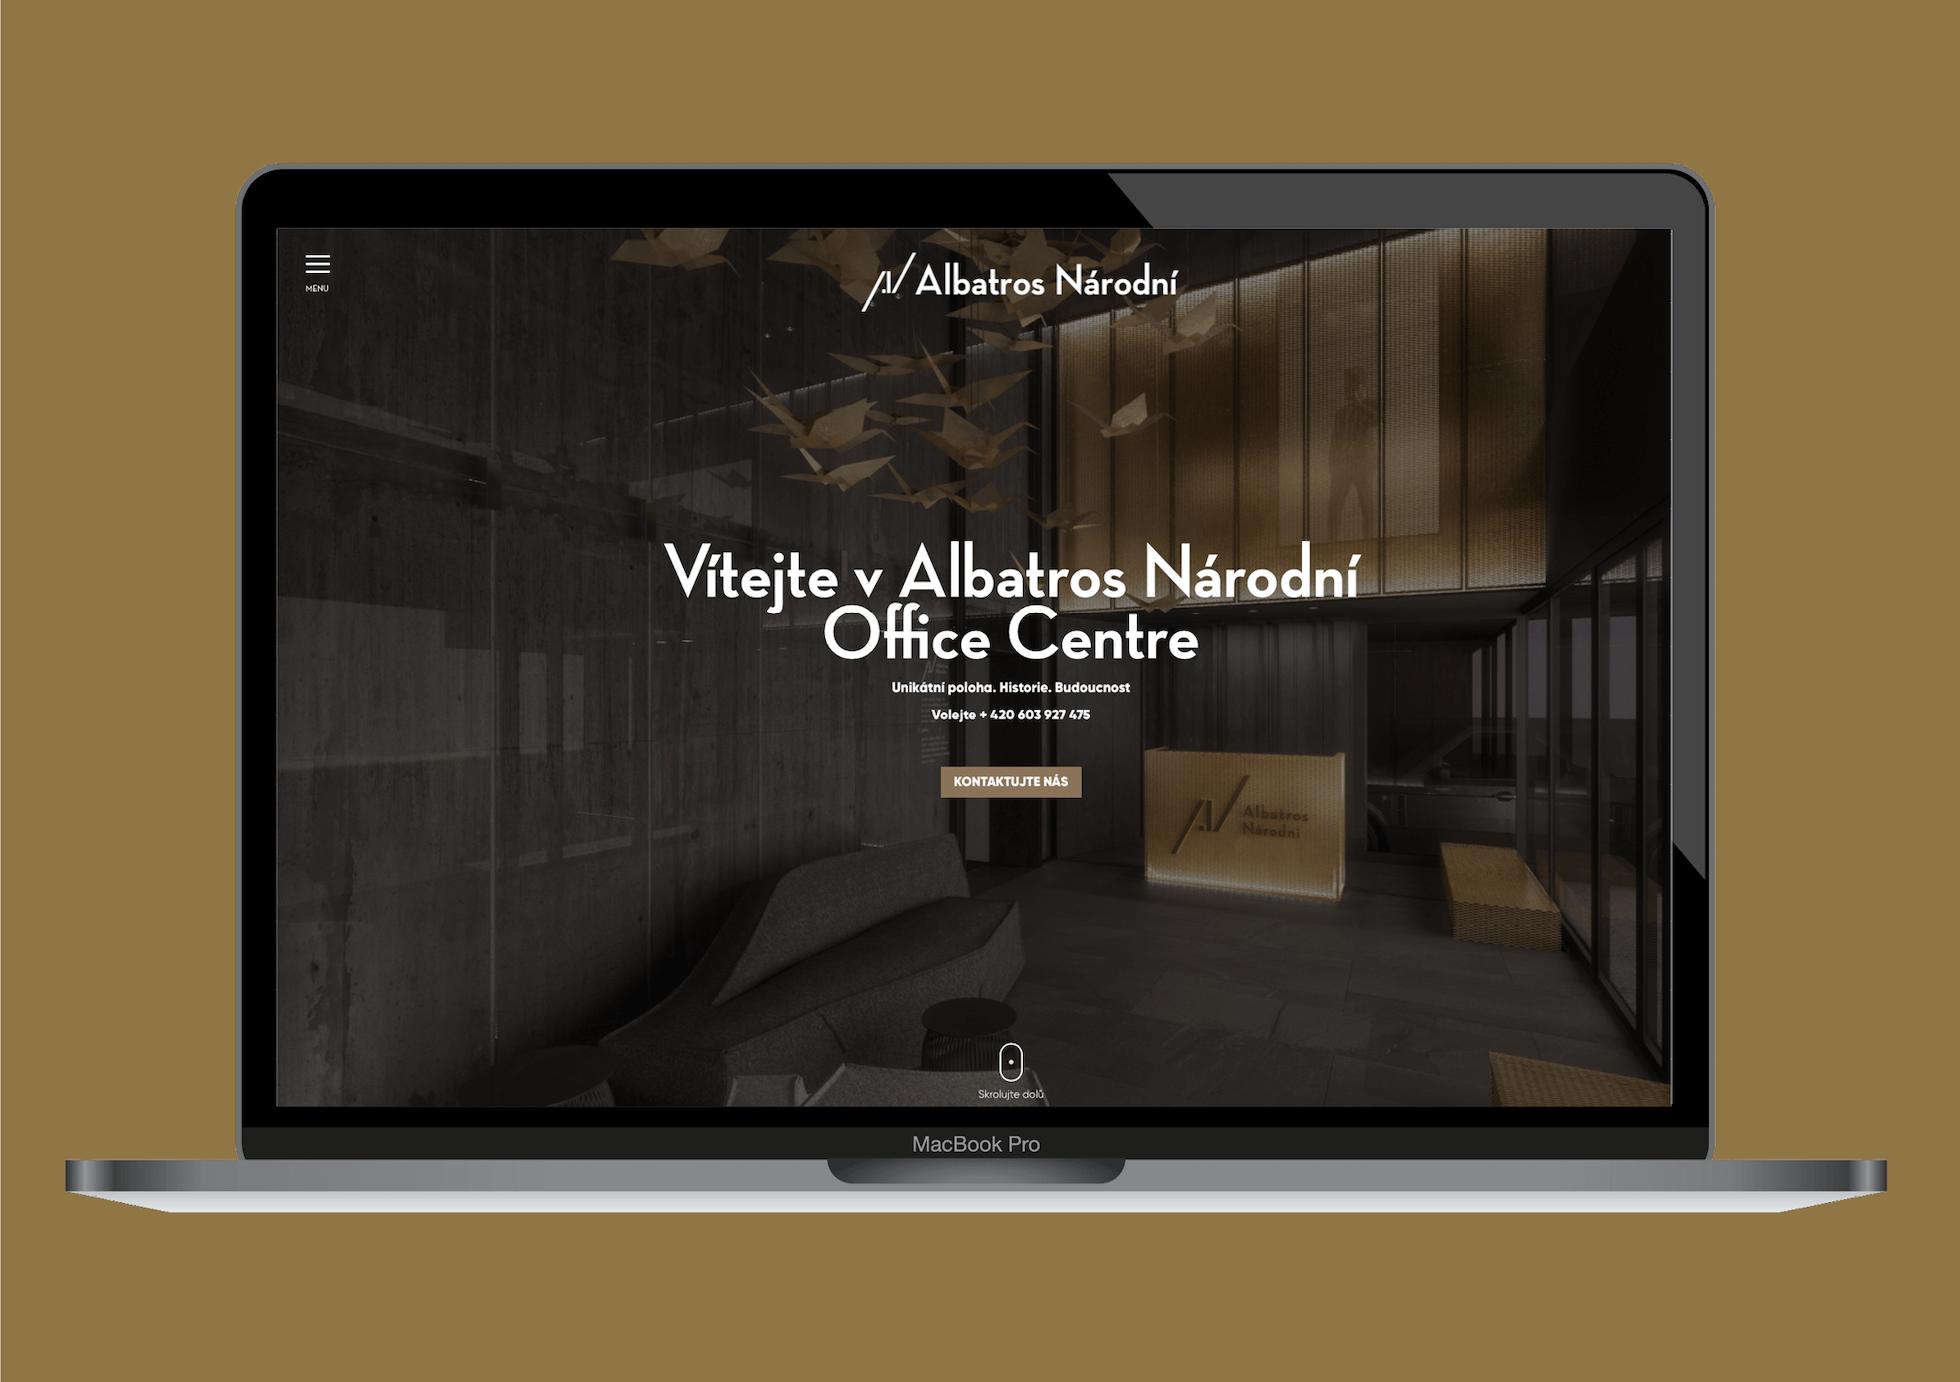 Albatros Narodni web